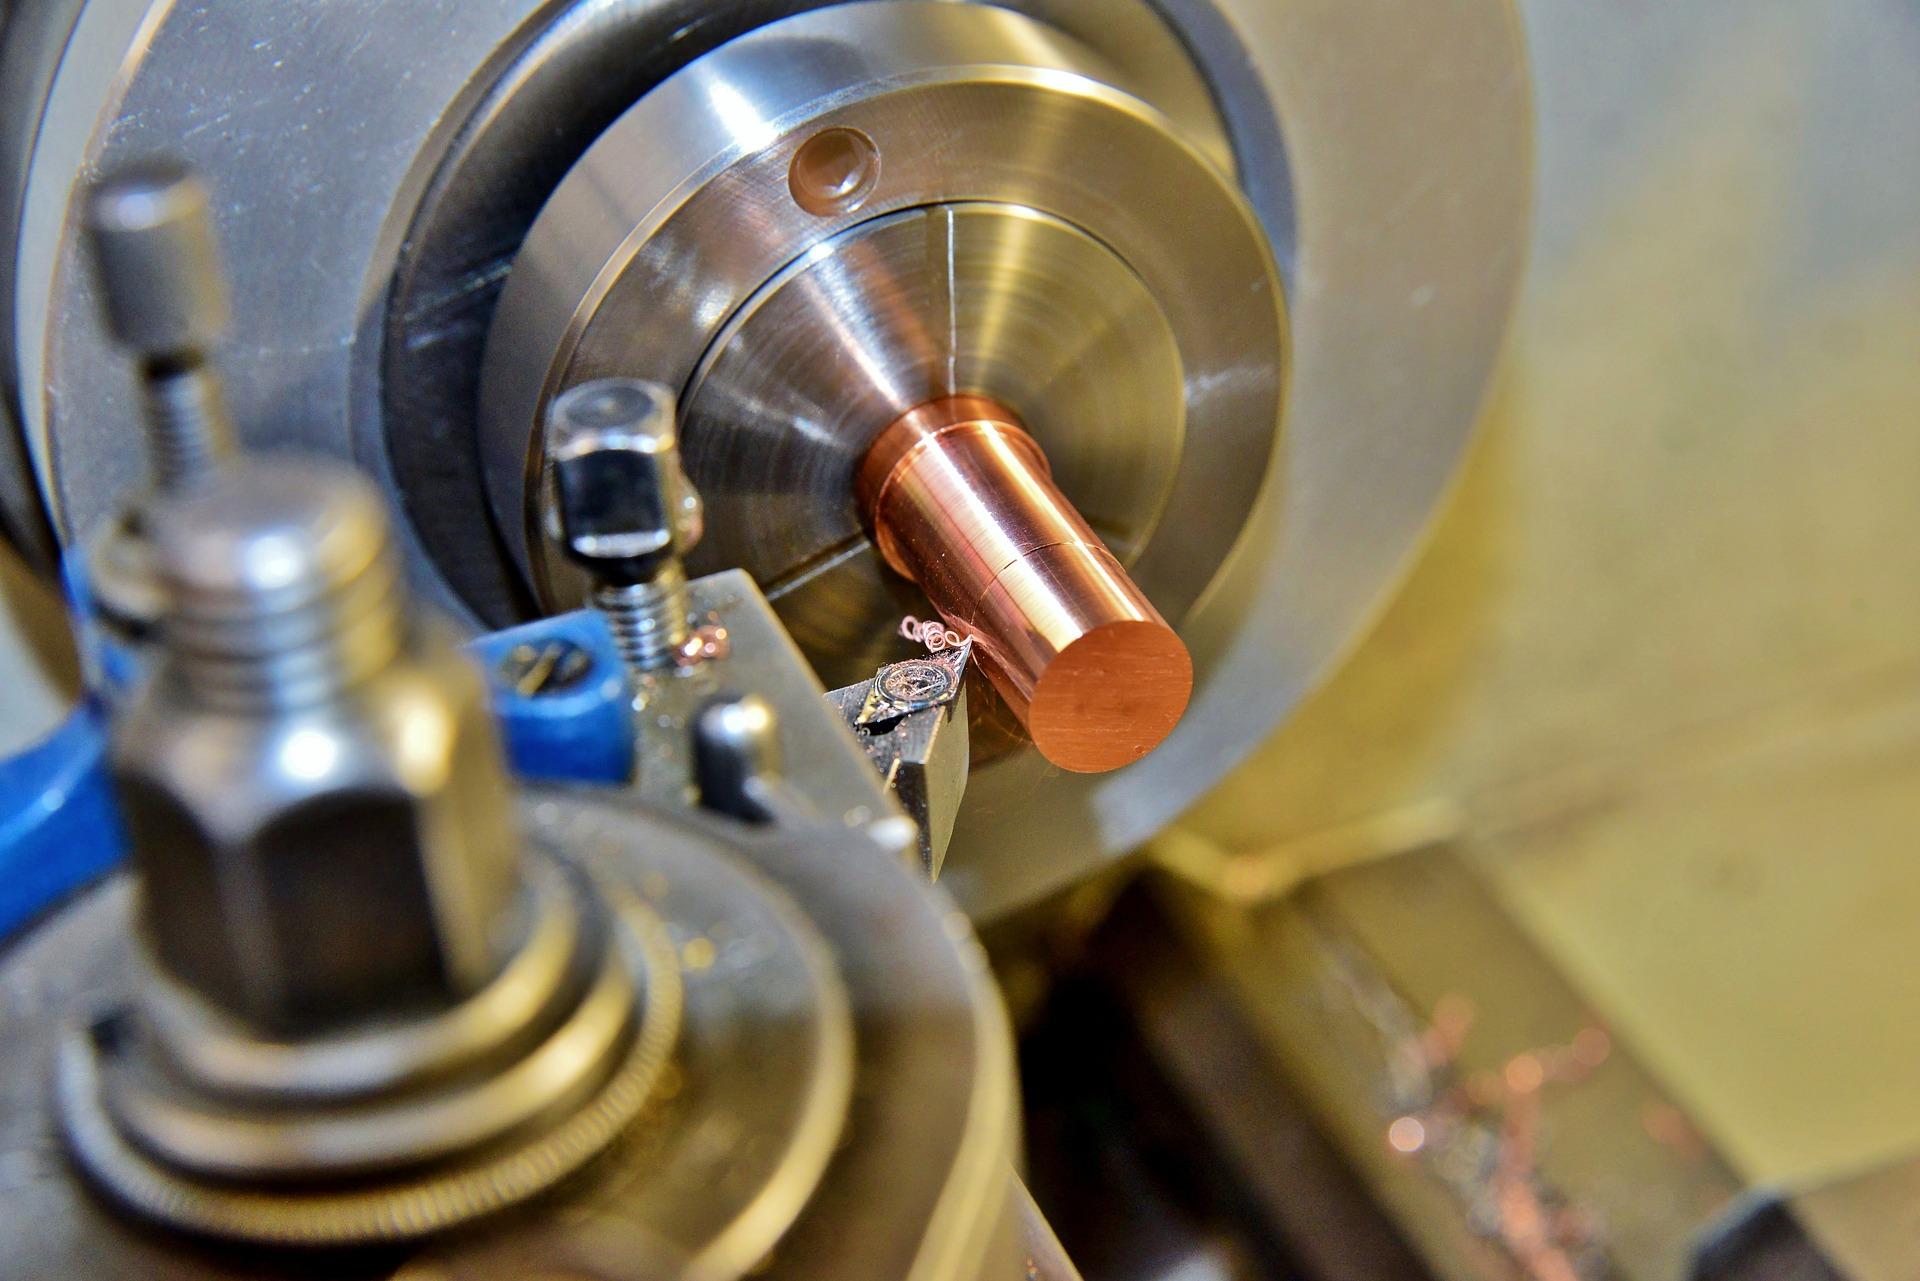 切削加工の精度や品質